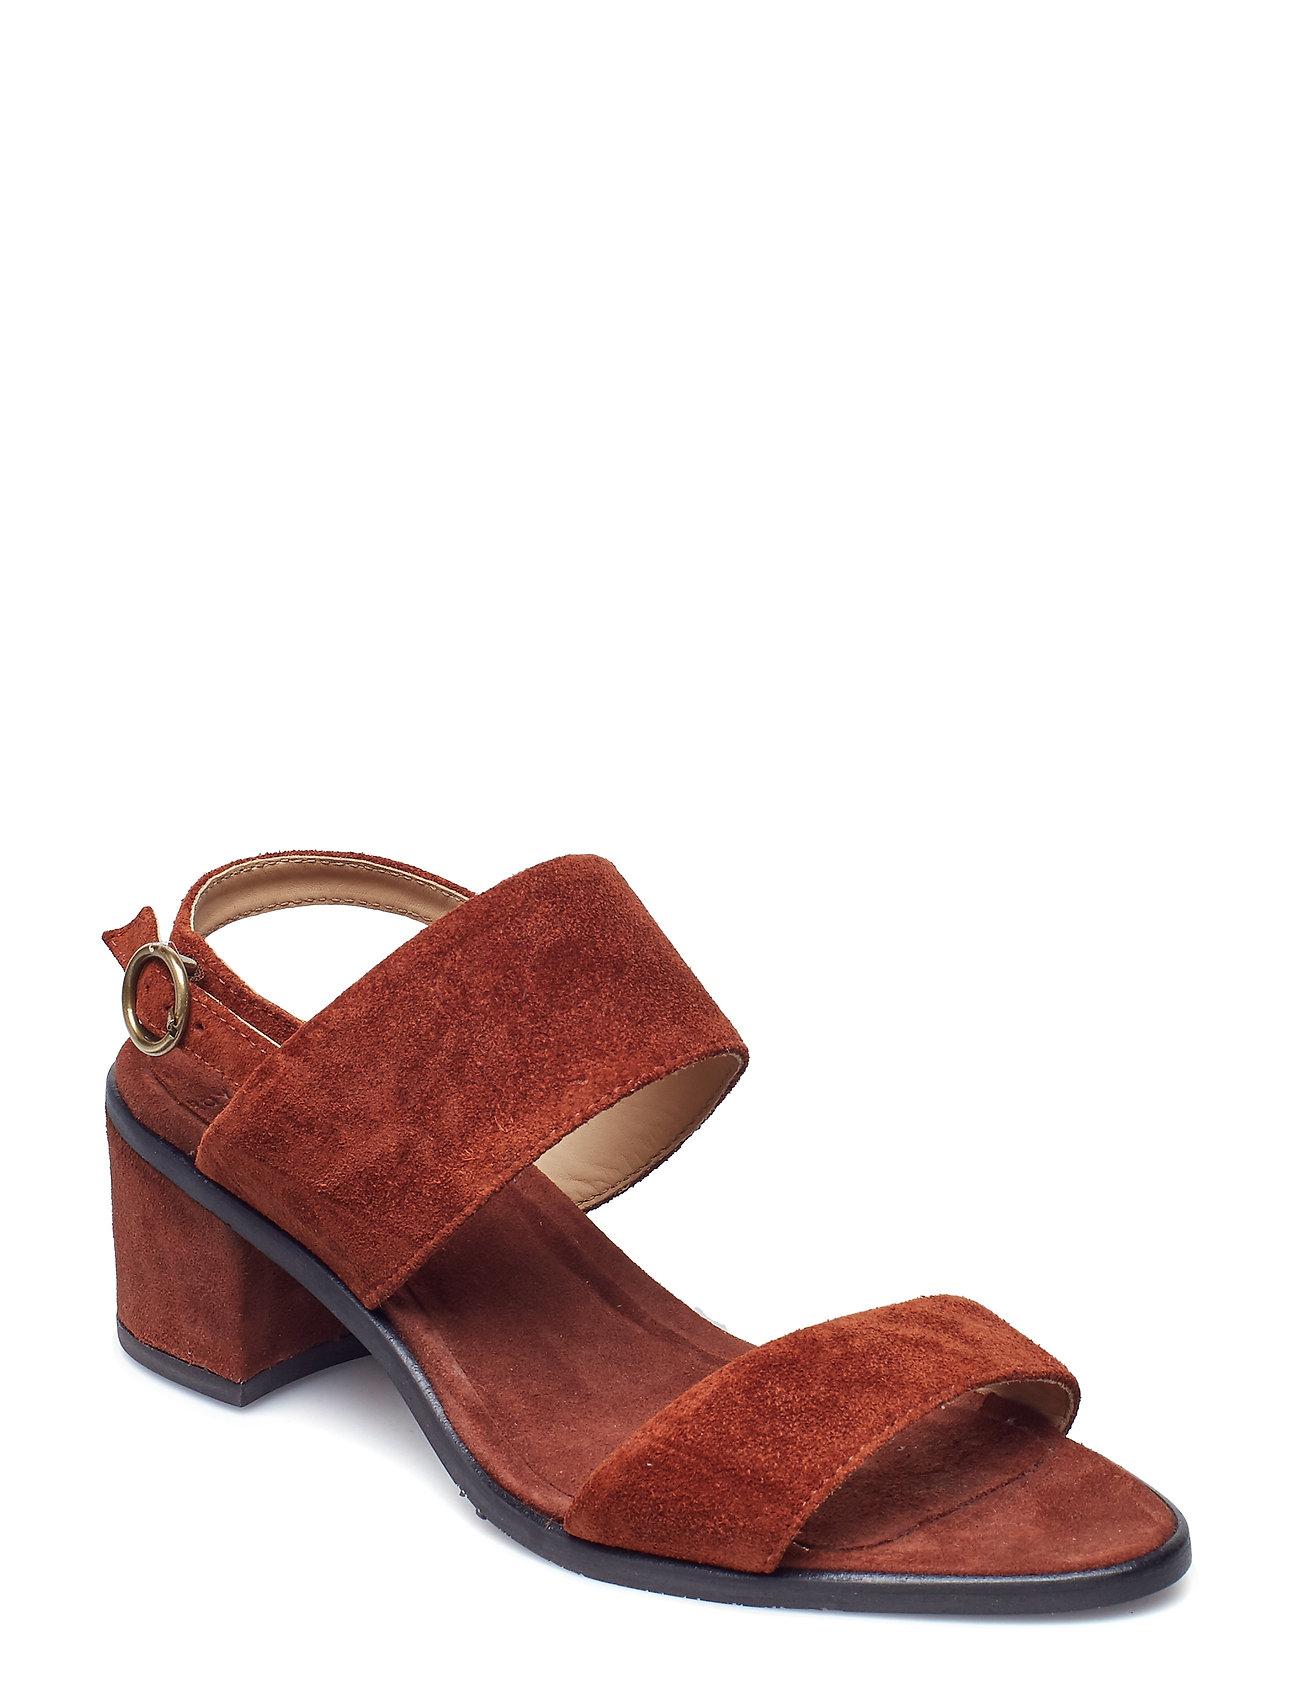 Image of Town Strap Sandal Suede Sandal Med Hæl Rød Royal RepubliQ (3115787453)